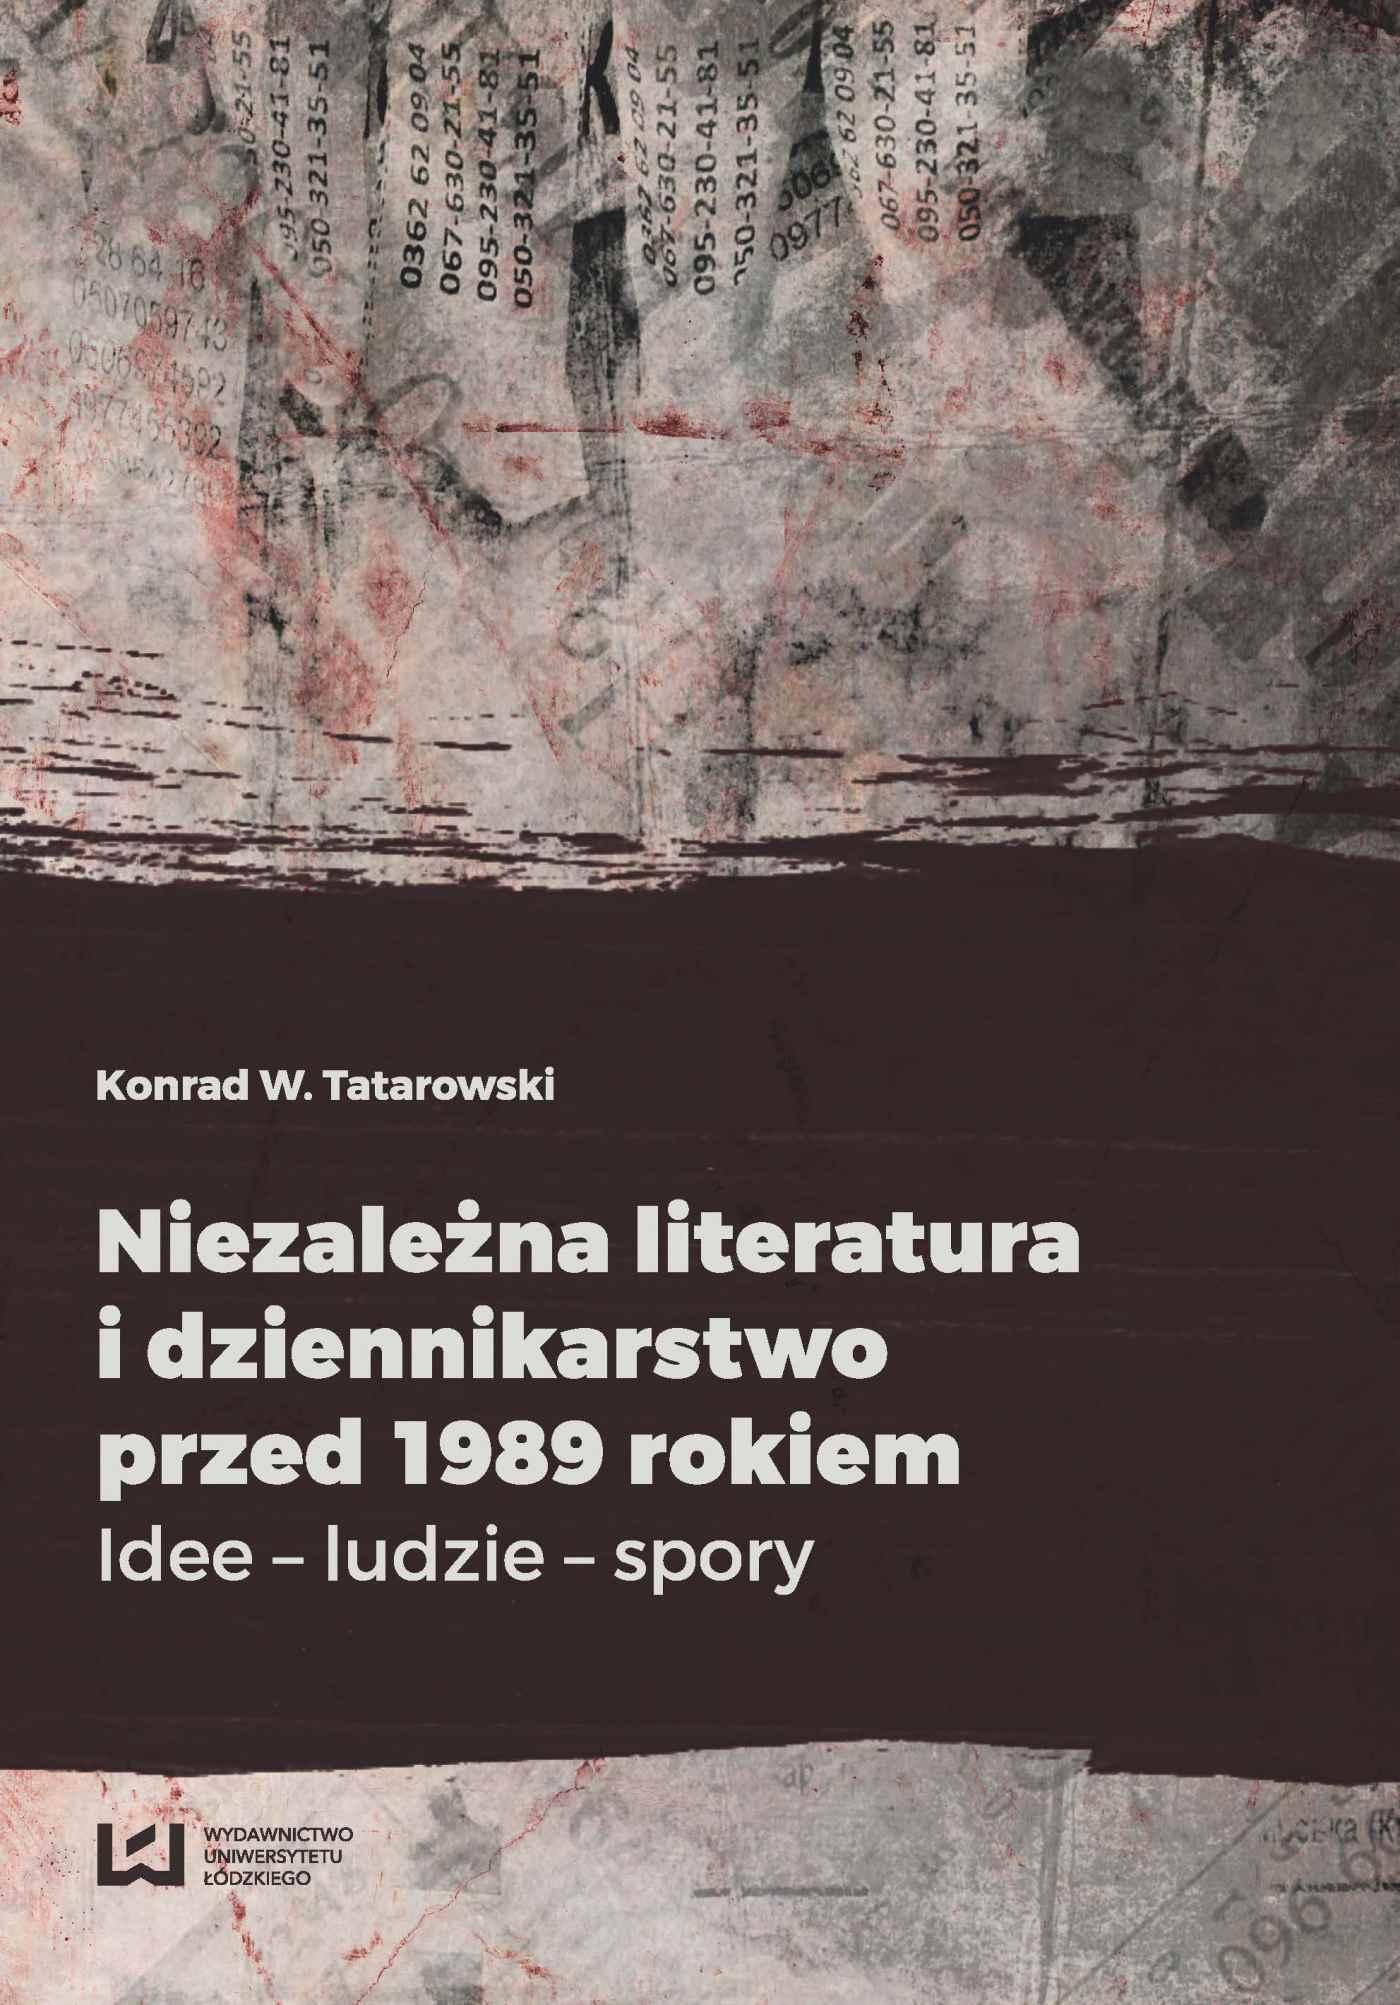 Niezależna literatura i dziennikarstwo przed 1989 rokiem. Idee - ludzie - spory - Ebook (Książka EPUB) do pobrania w formacie EPUB